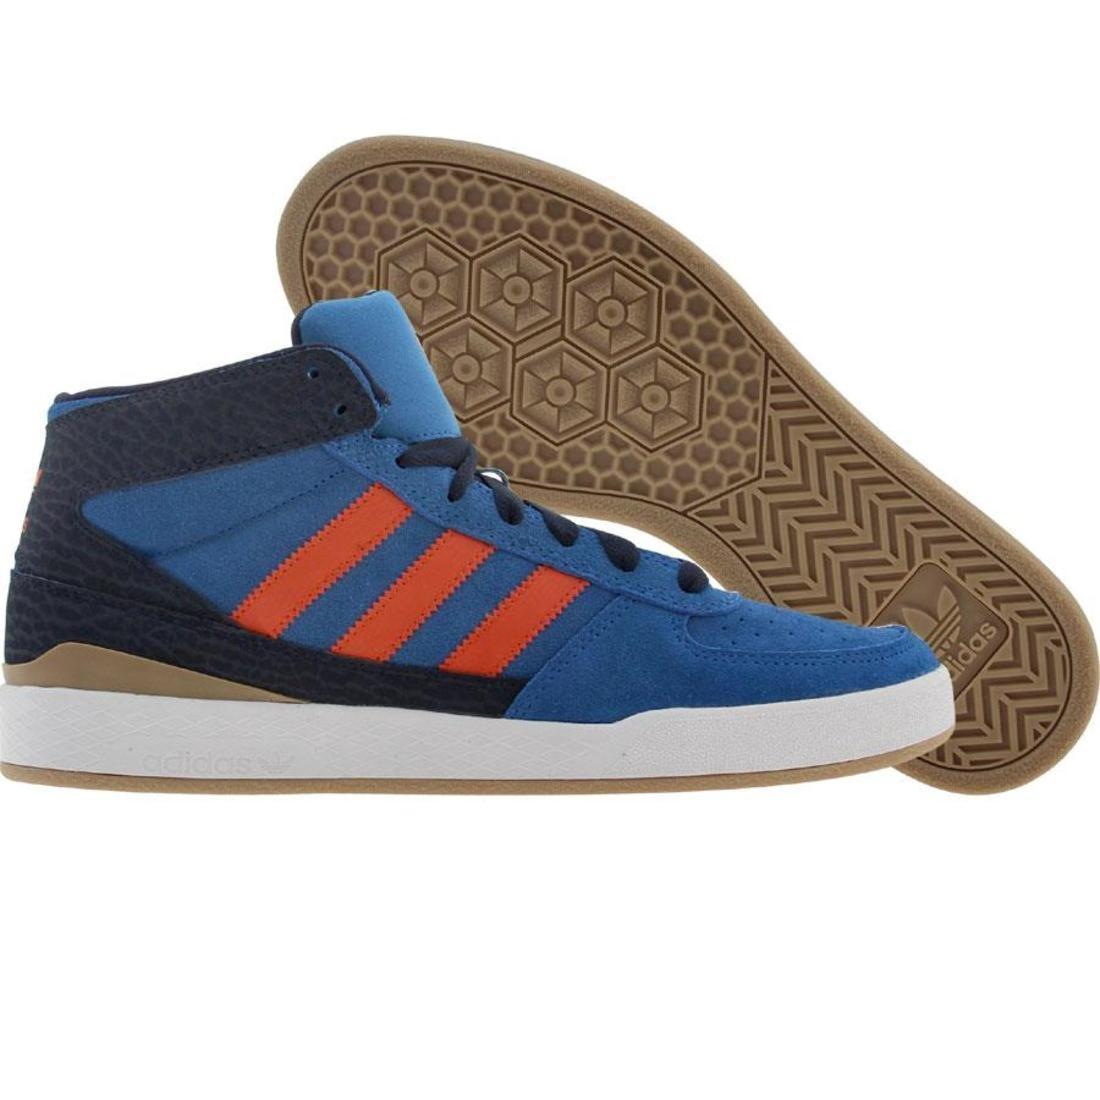 【海外限定】アディダス スケート フォーラム 橙 オレンジ カレッジ メンズ靴 靴 【 ADIDAS SKATE ORANGE FORUM X BLUEBIRD CRAYON COLLEGE NAVY 】